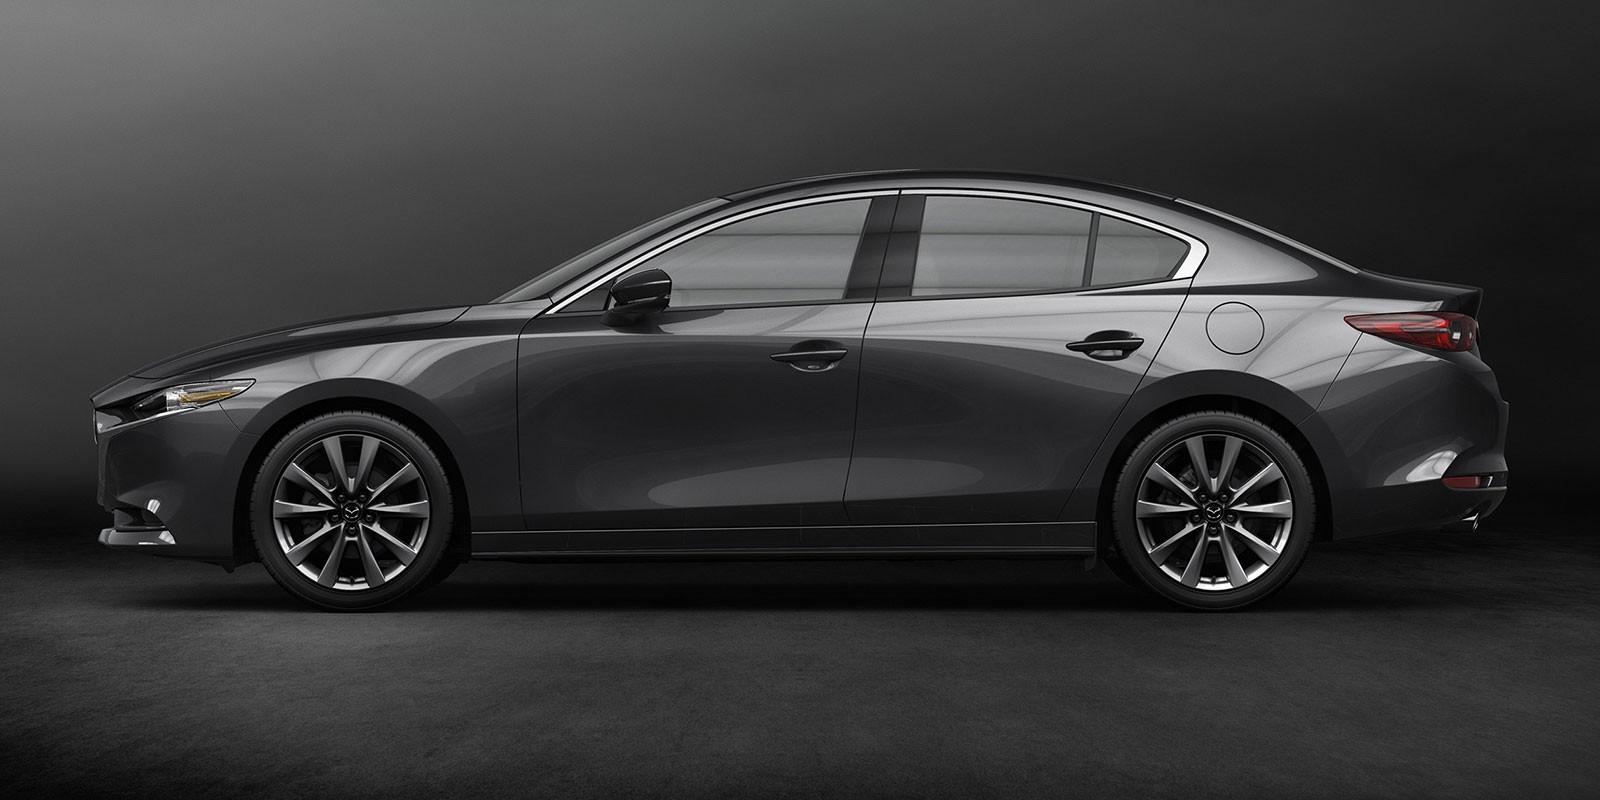 Mazda3 2019 bản sedan với đường mạ crôm nằm sát nóc